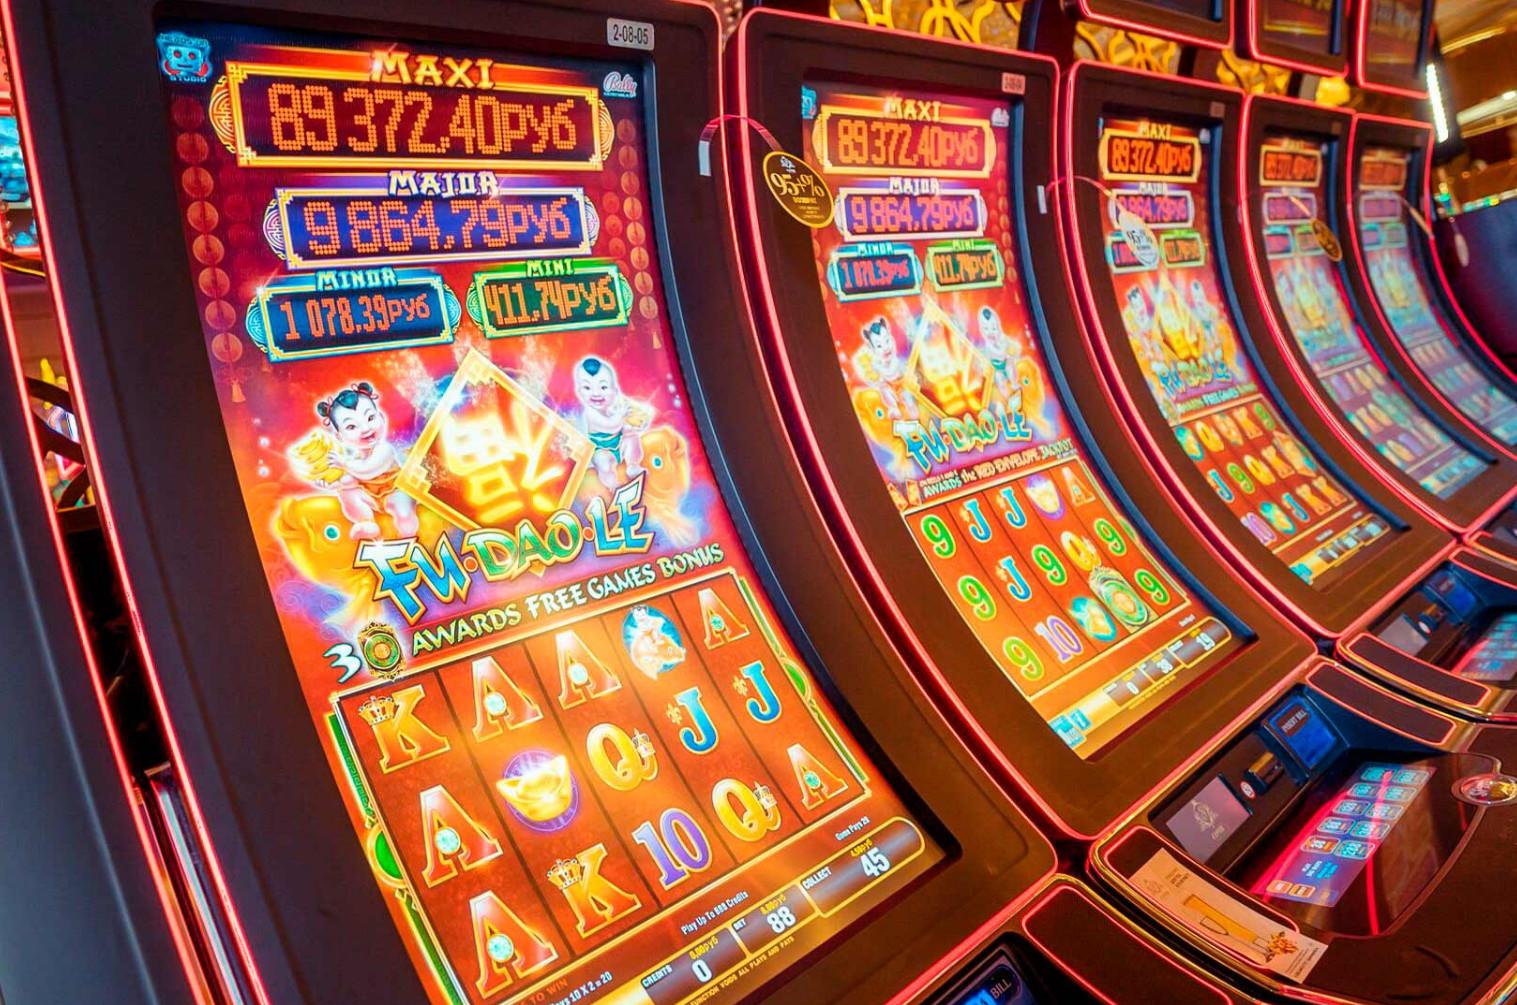 Автоматы игровые дающие хороший выигрыш играть игровые автоматы онлайн без денег